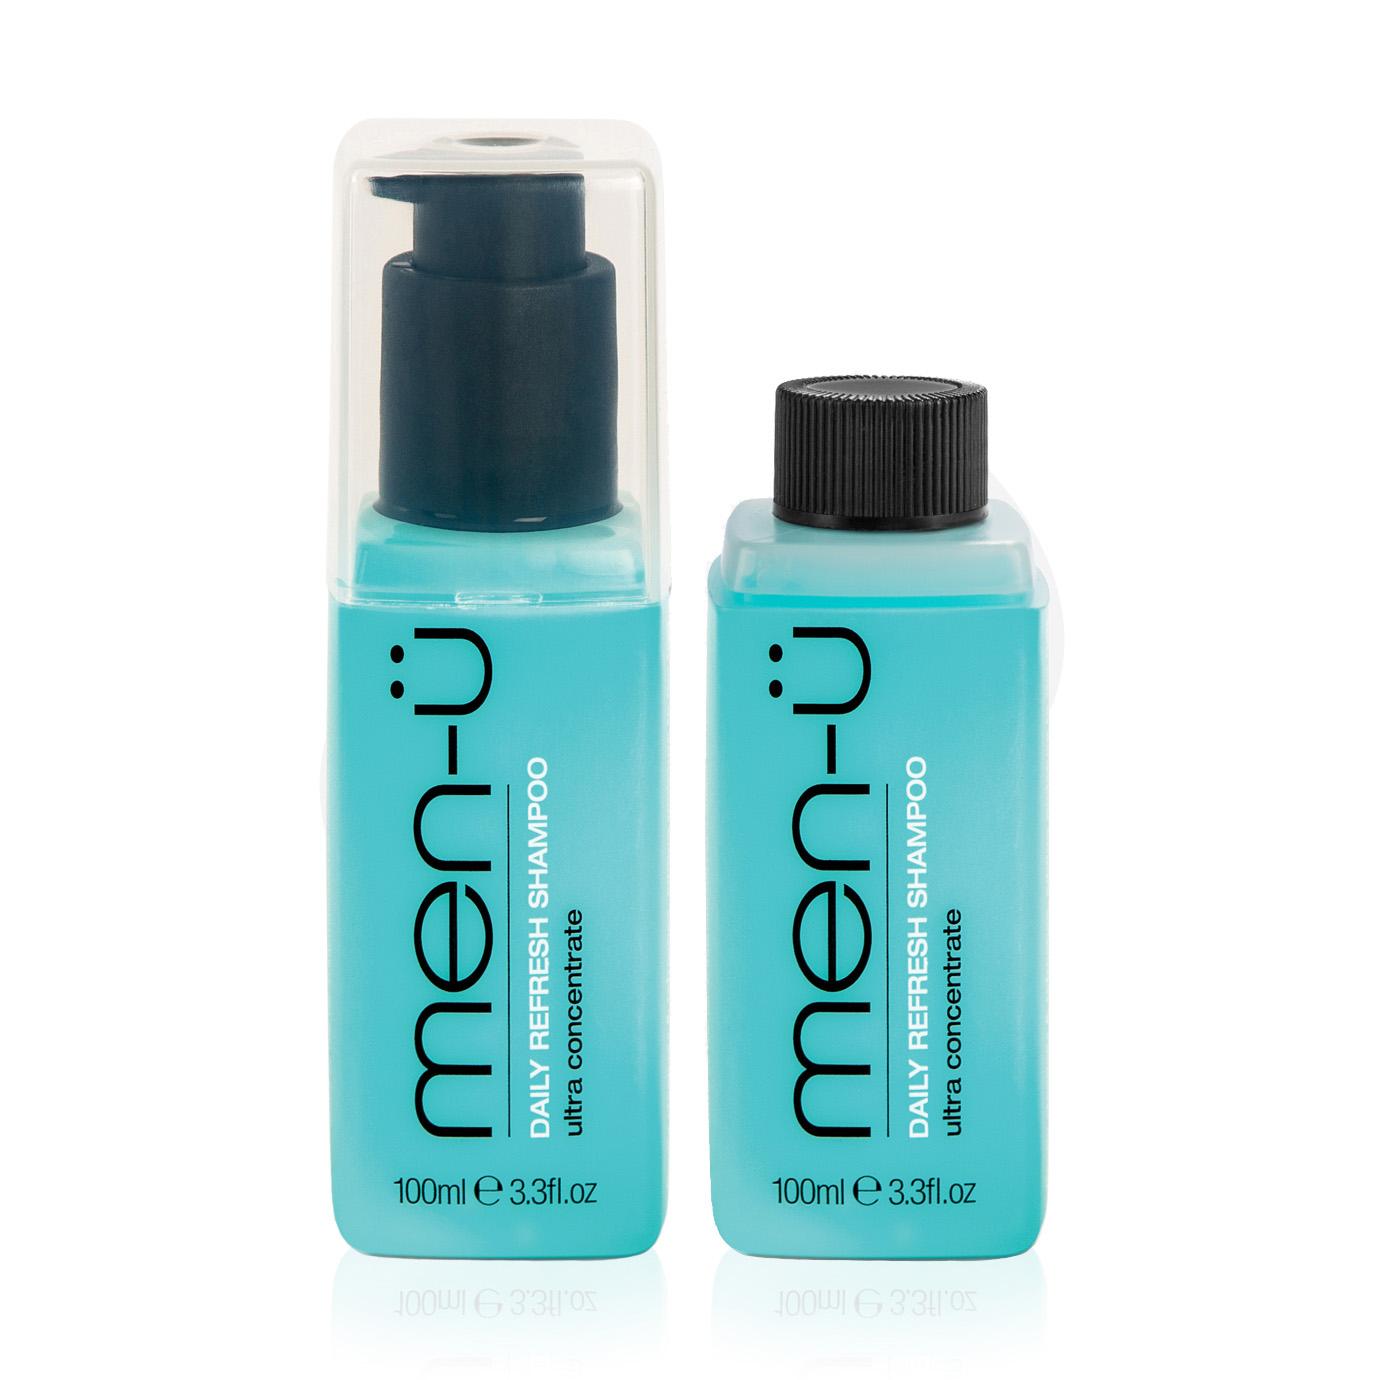 men-u - męski codzienny szampon nawilżający do włosów 100ml produkt Mens Health